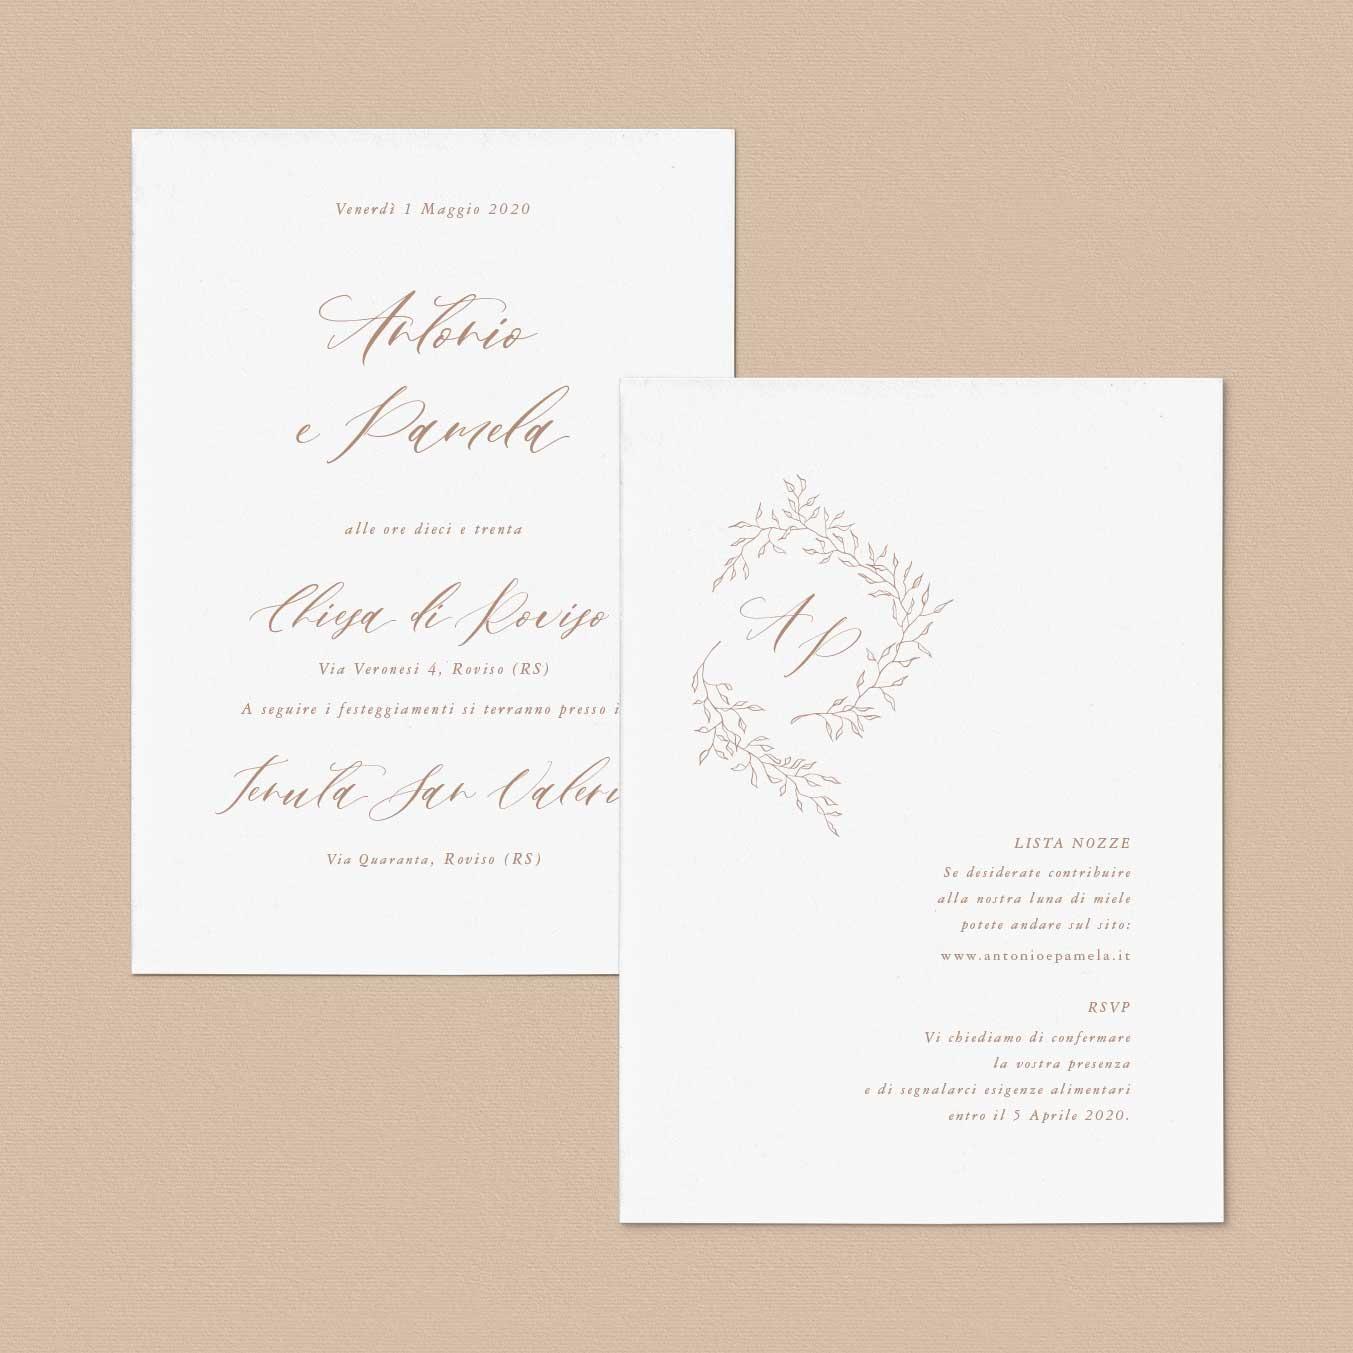 Partecipazioni-catalogo-invitation-rustico-vintage-natura-inviti-matrimonio-elegante-fiori-foglie